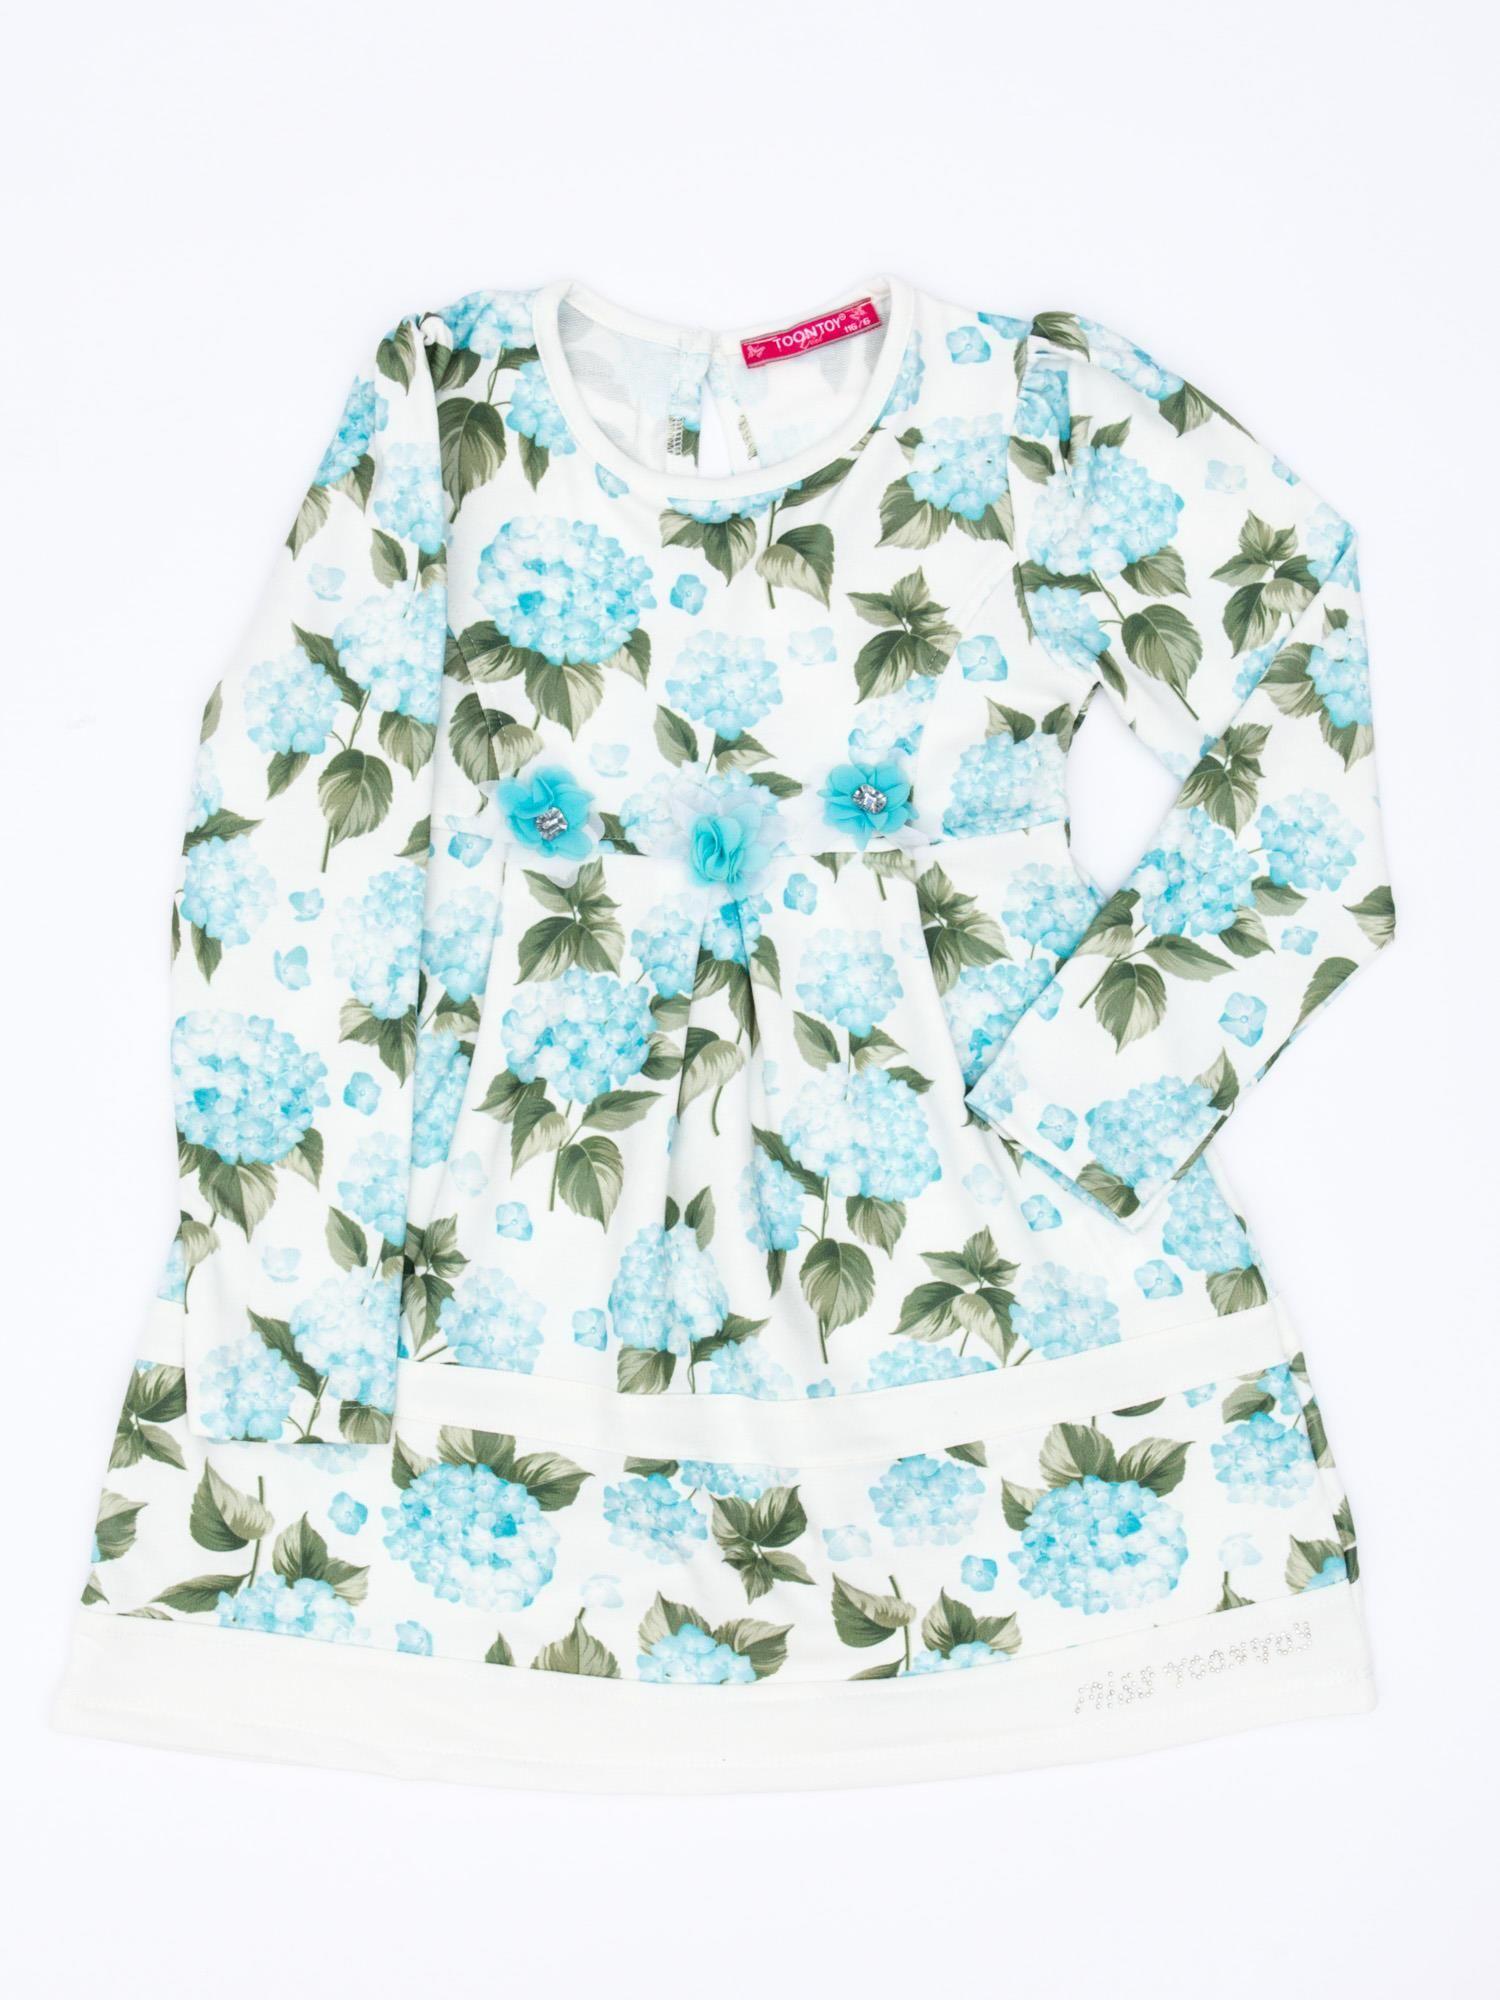 b9b1eb6cc2 Turkusowa sukienka dla dziewczynki w kwiaty z tiulową aplikacją ...